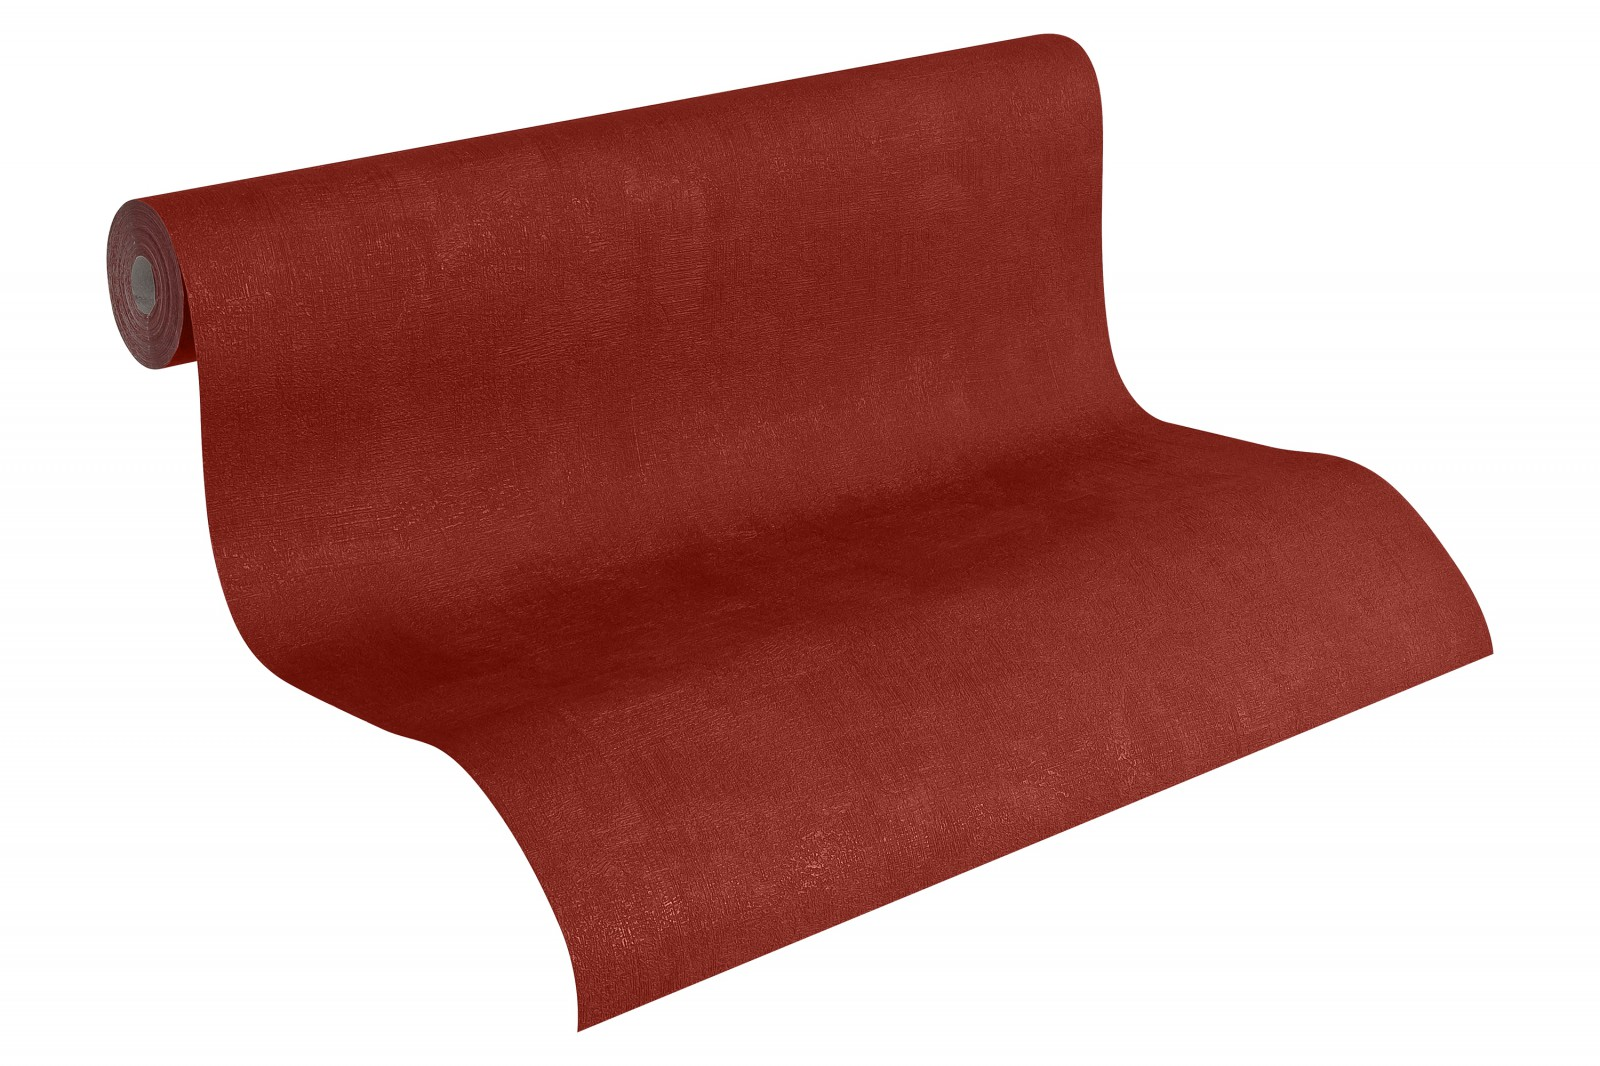 daniel hechter tapete design einfarbig rot 95262 4. Black Bedroom Furniture Sets. Home Design Ideas